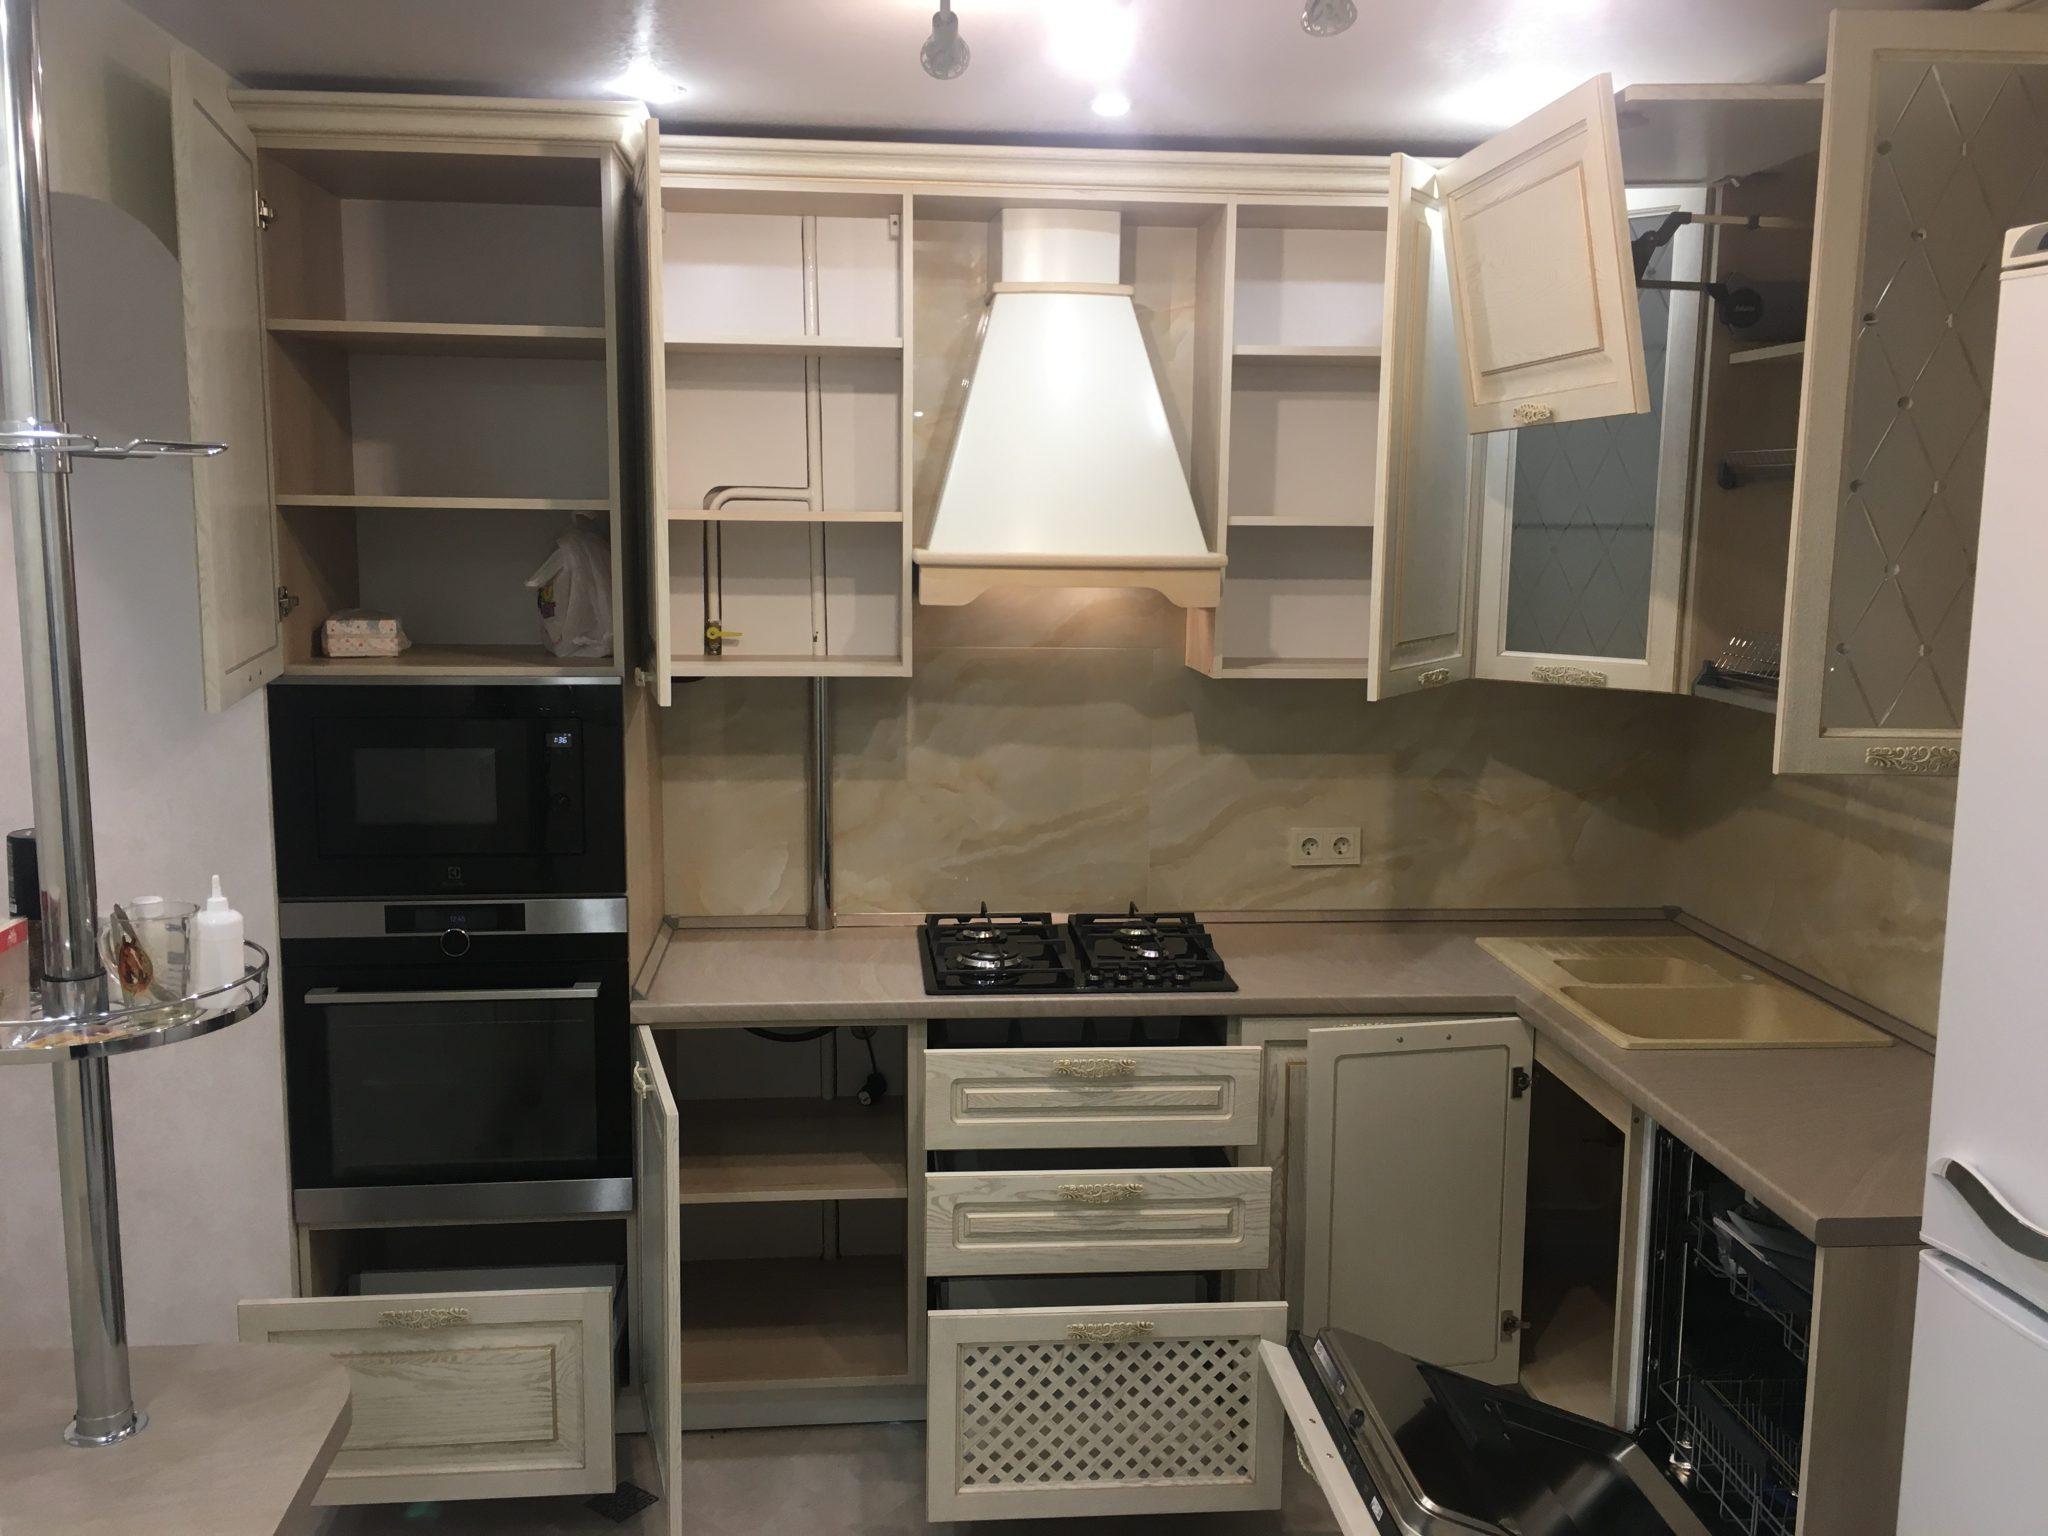 кухня в Гомеле по ул. Свиридова из массива ясеня 71 4